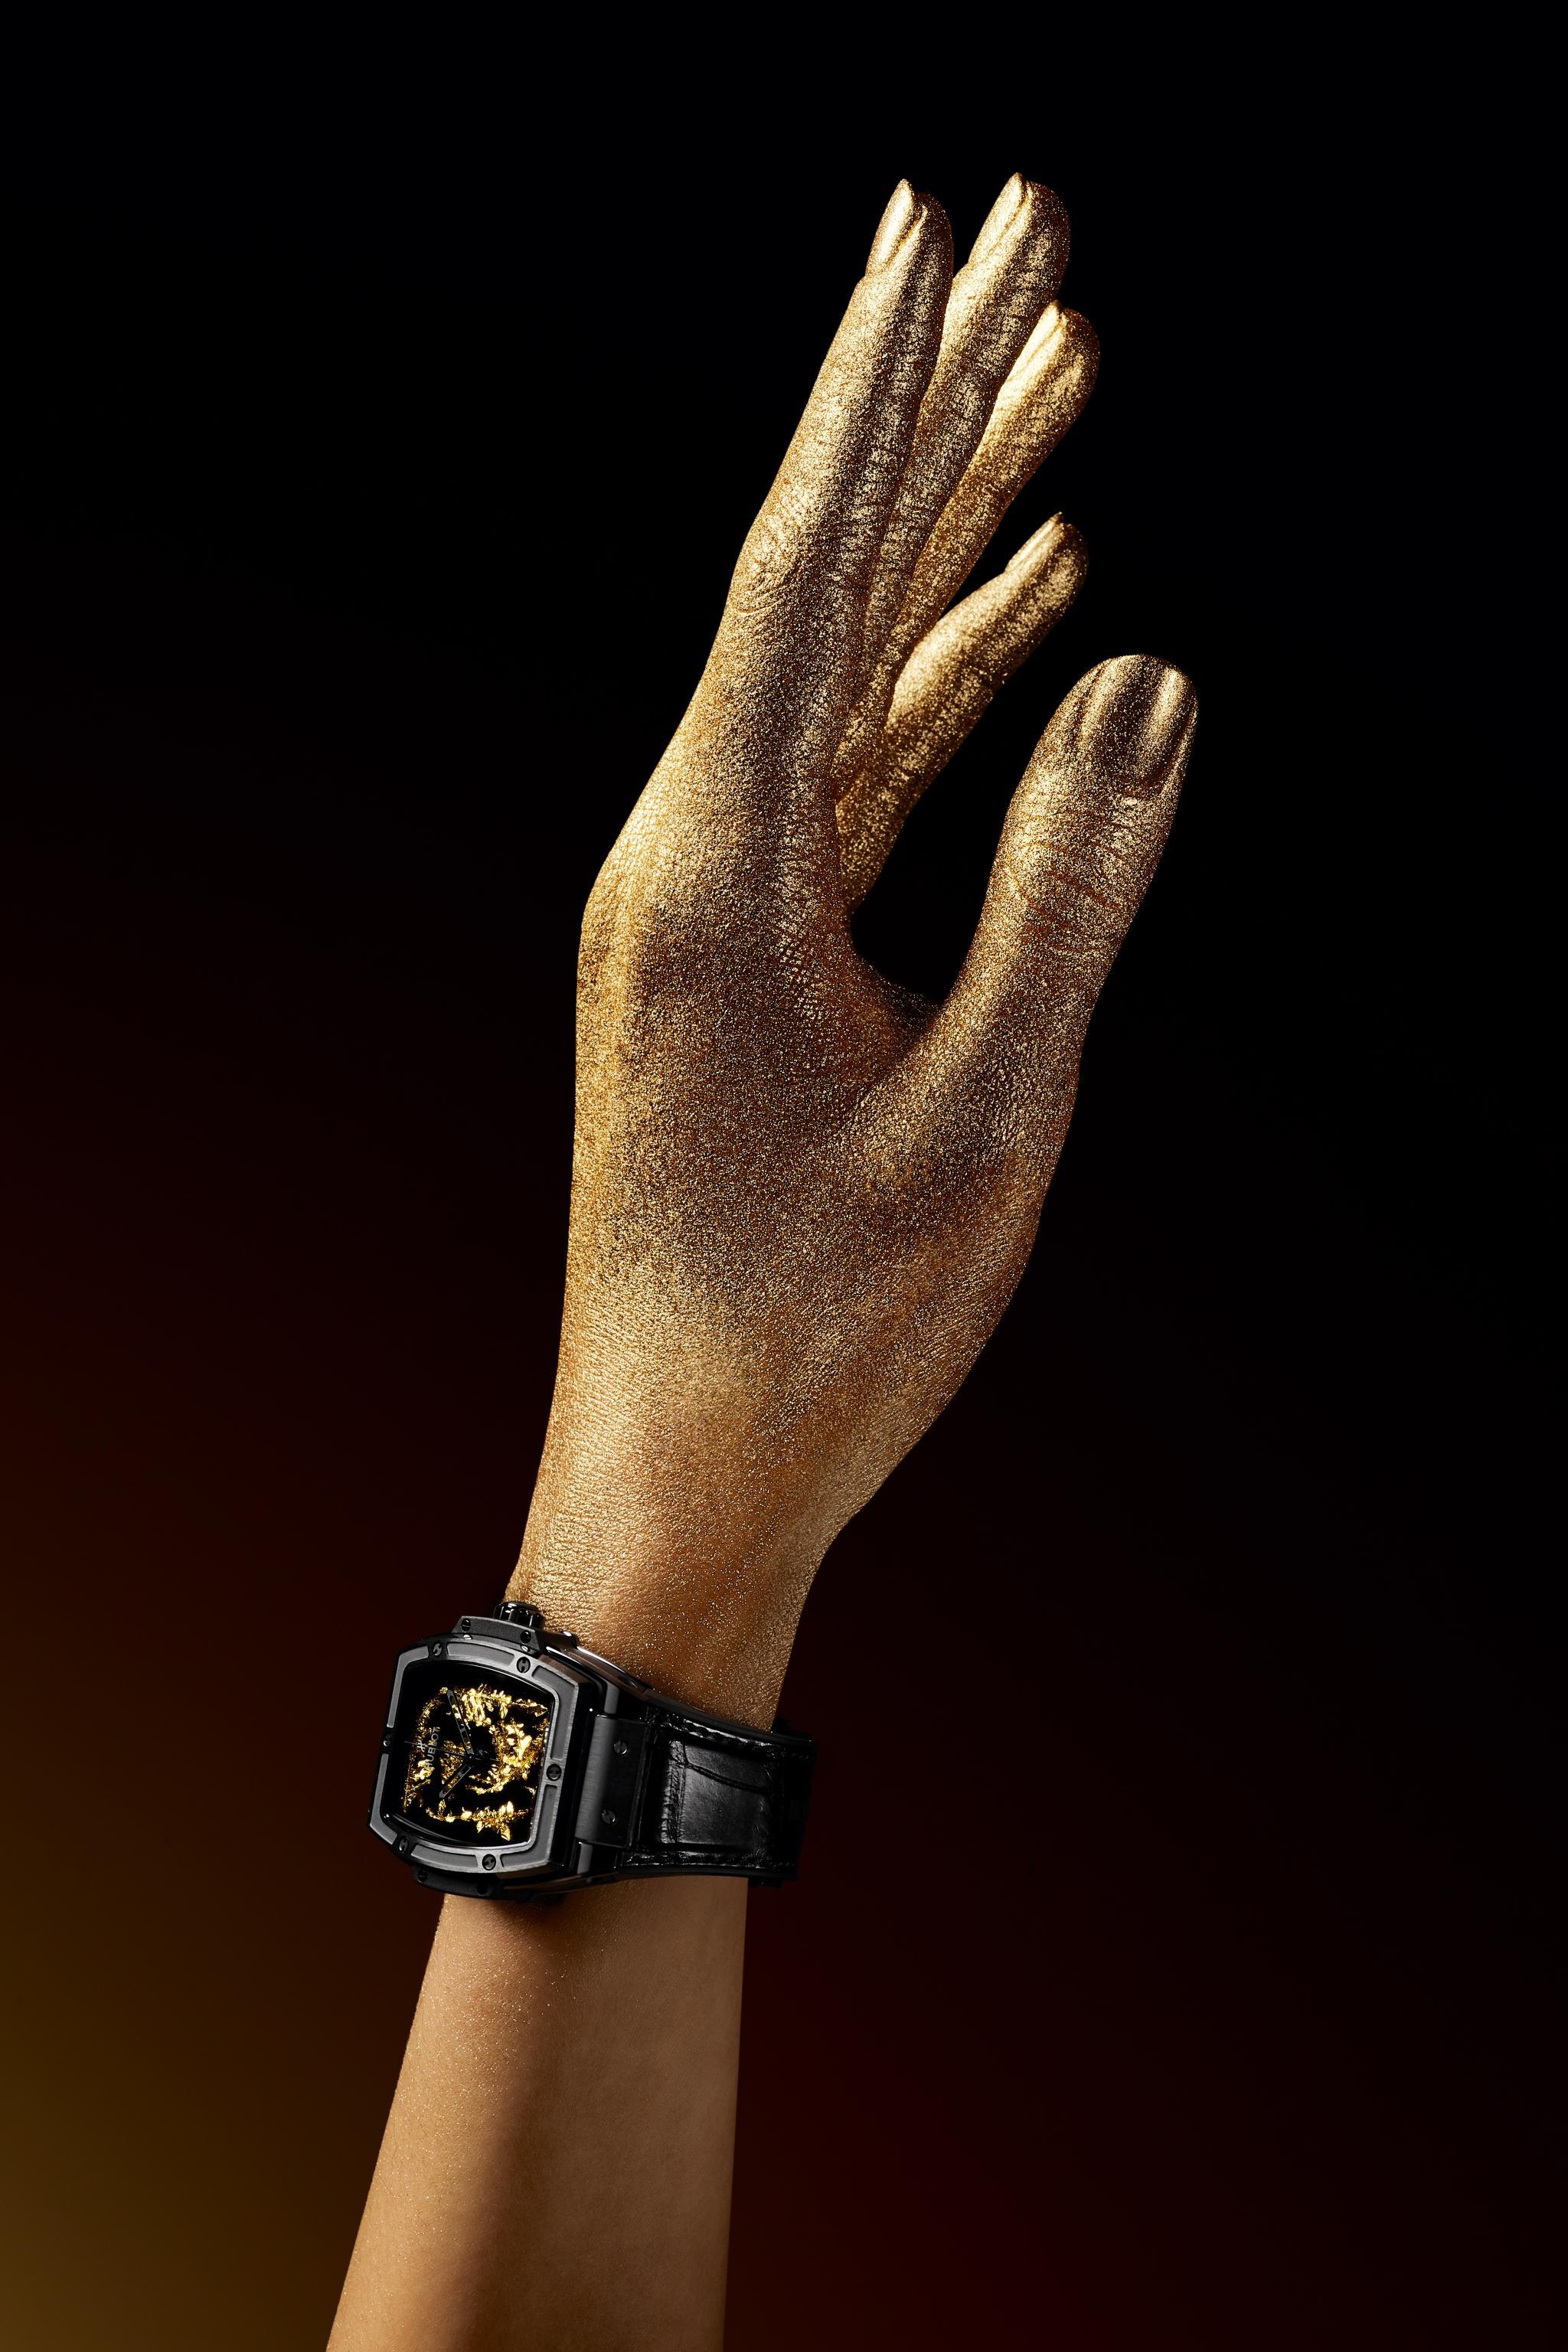 Cận cảnh cỗ máy thời giantinh thể vàng được sản xuất từ phòng thí nghiệm - Ảnh 1